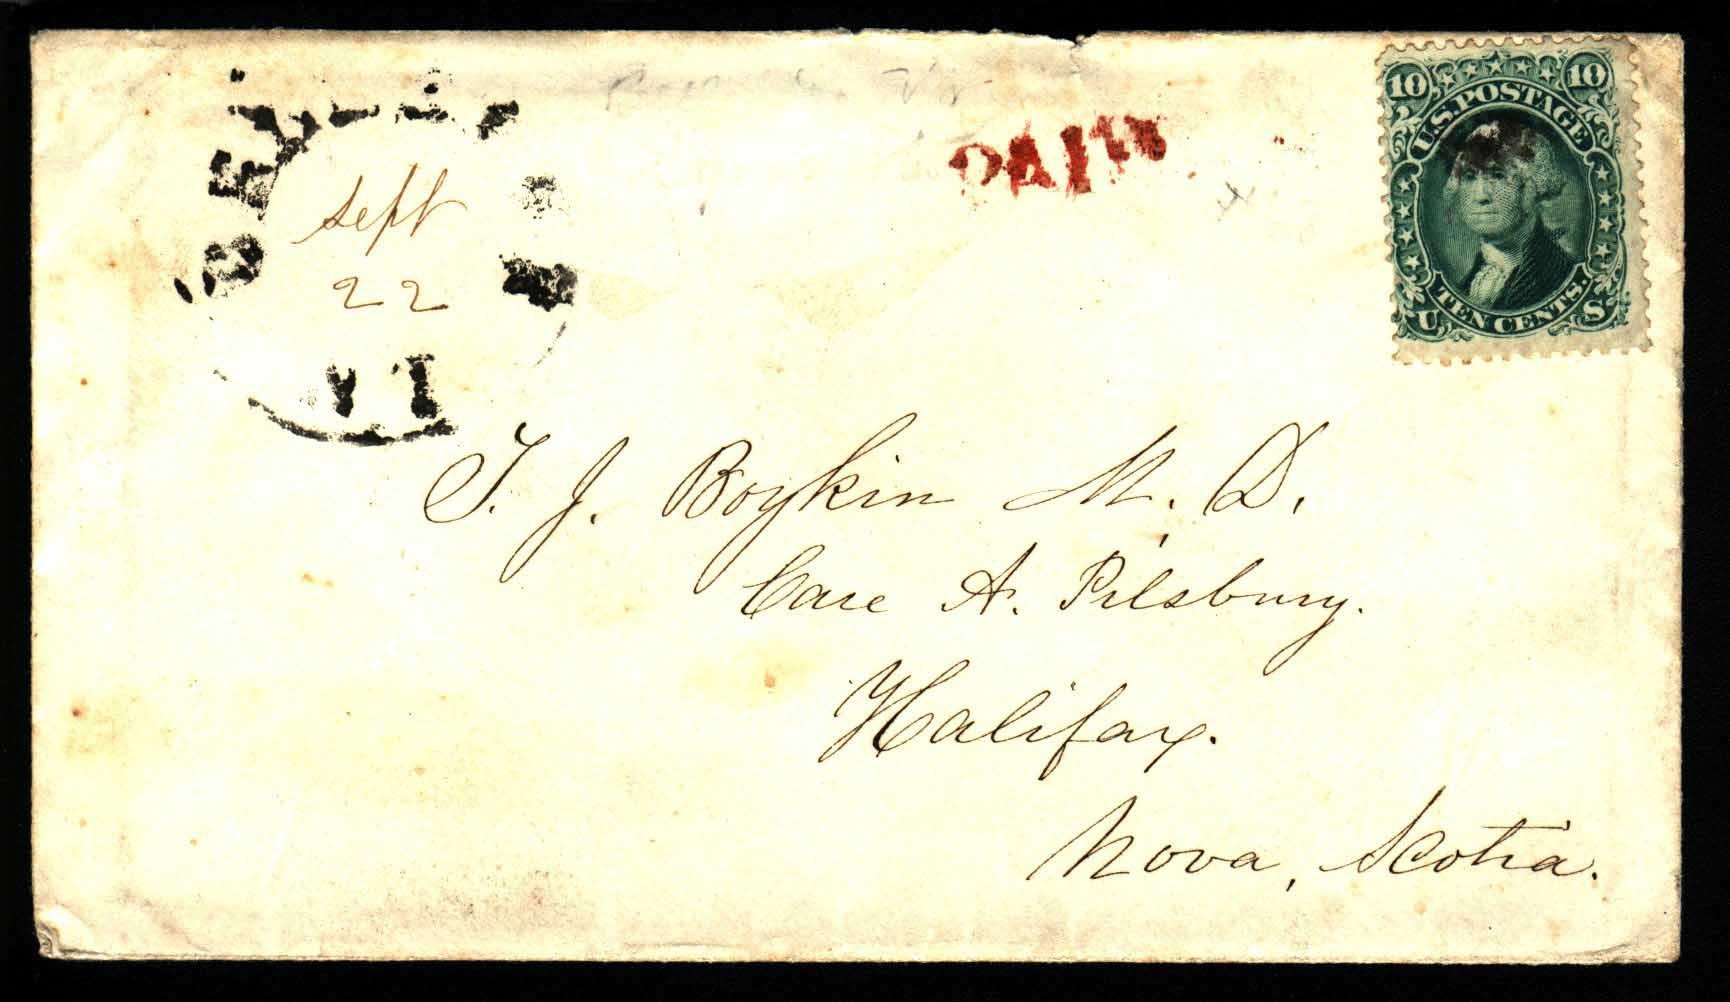 Bellevue 1865 09 22